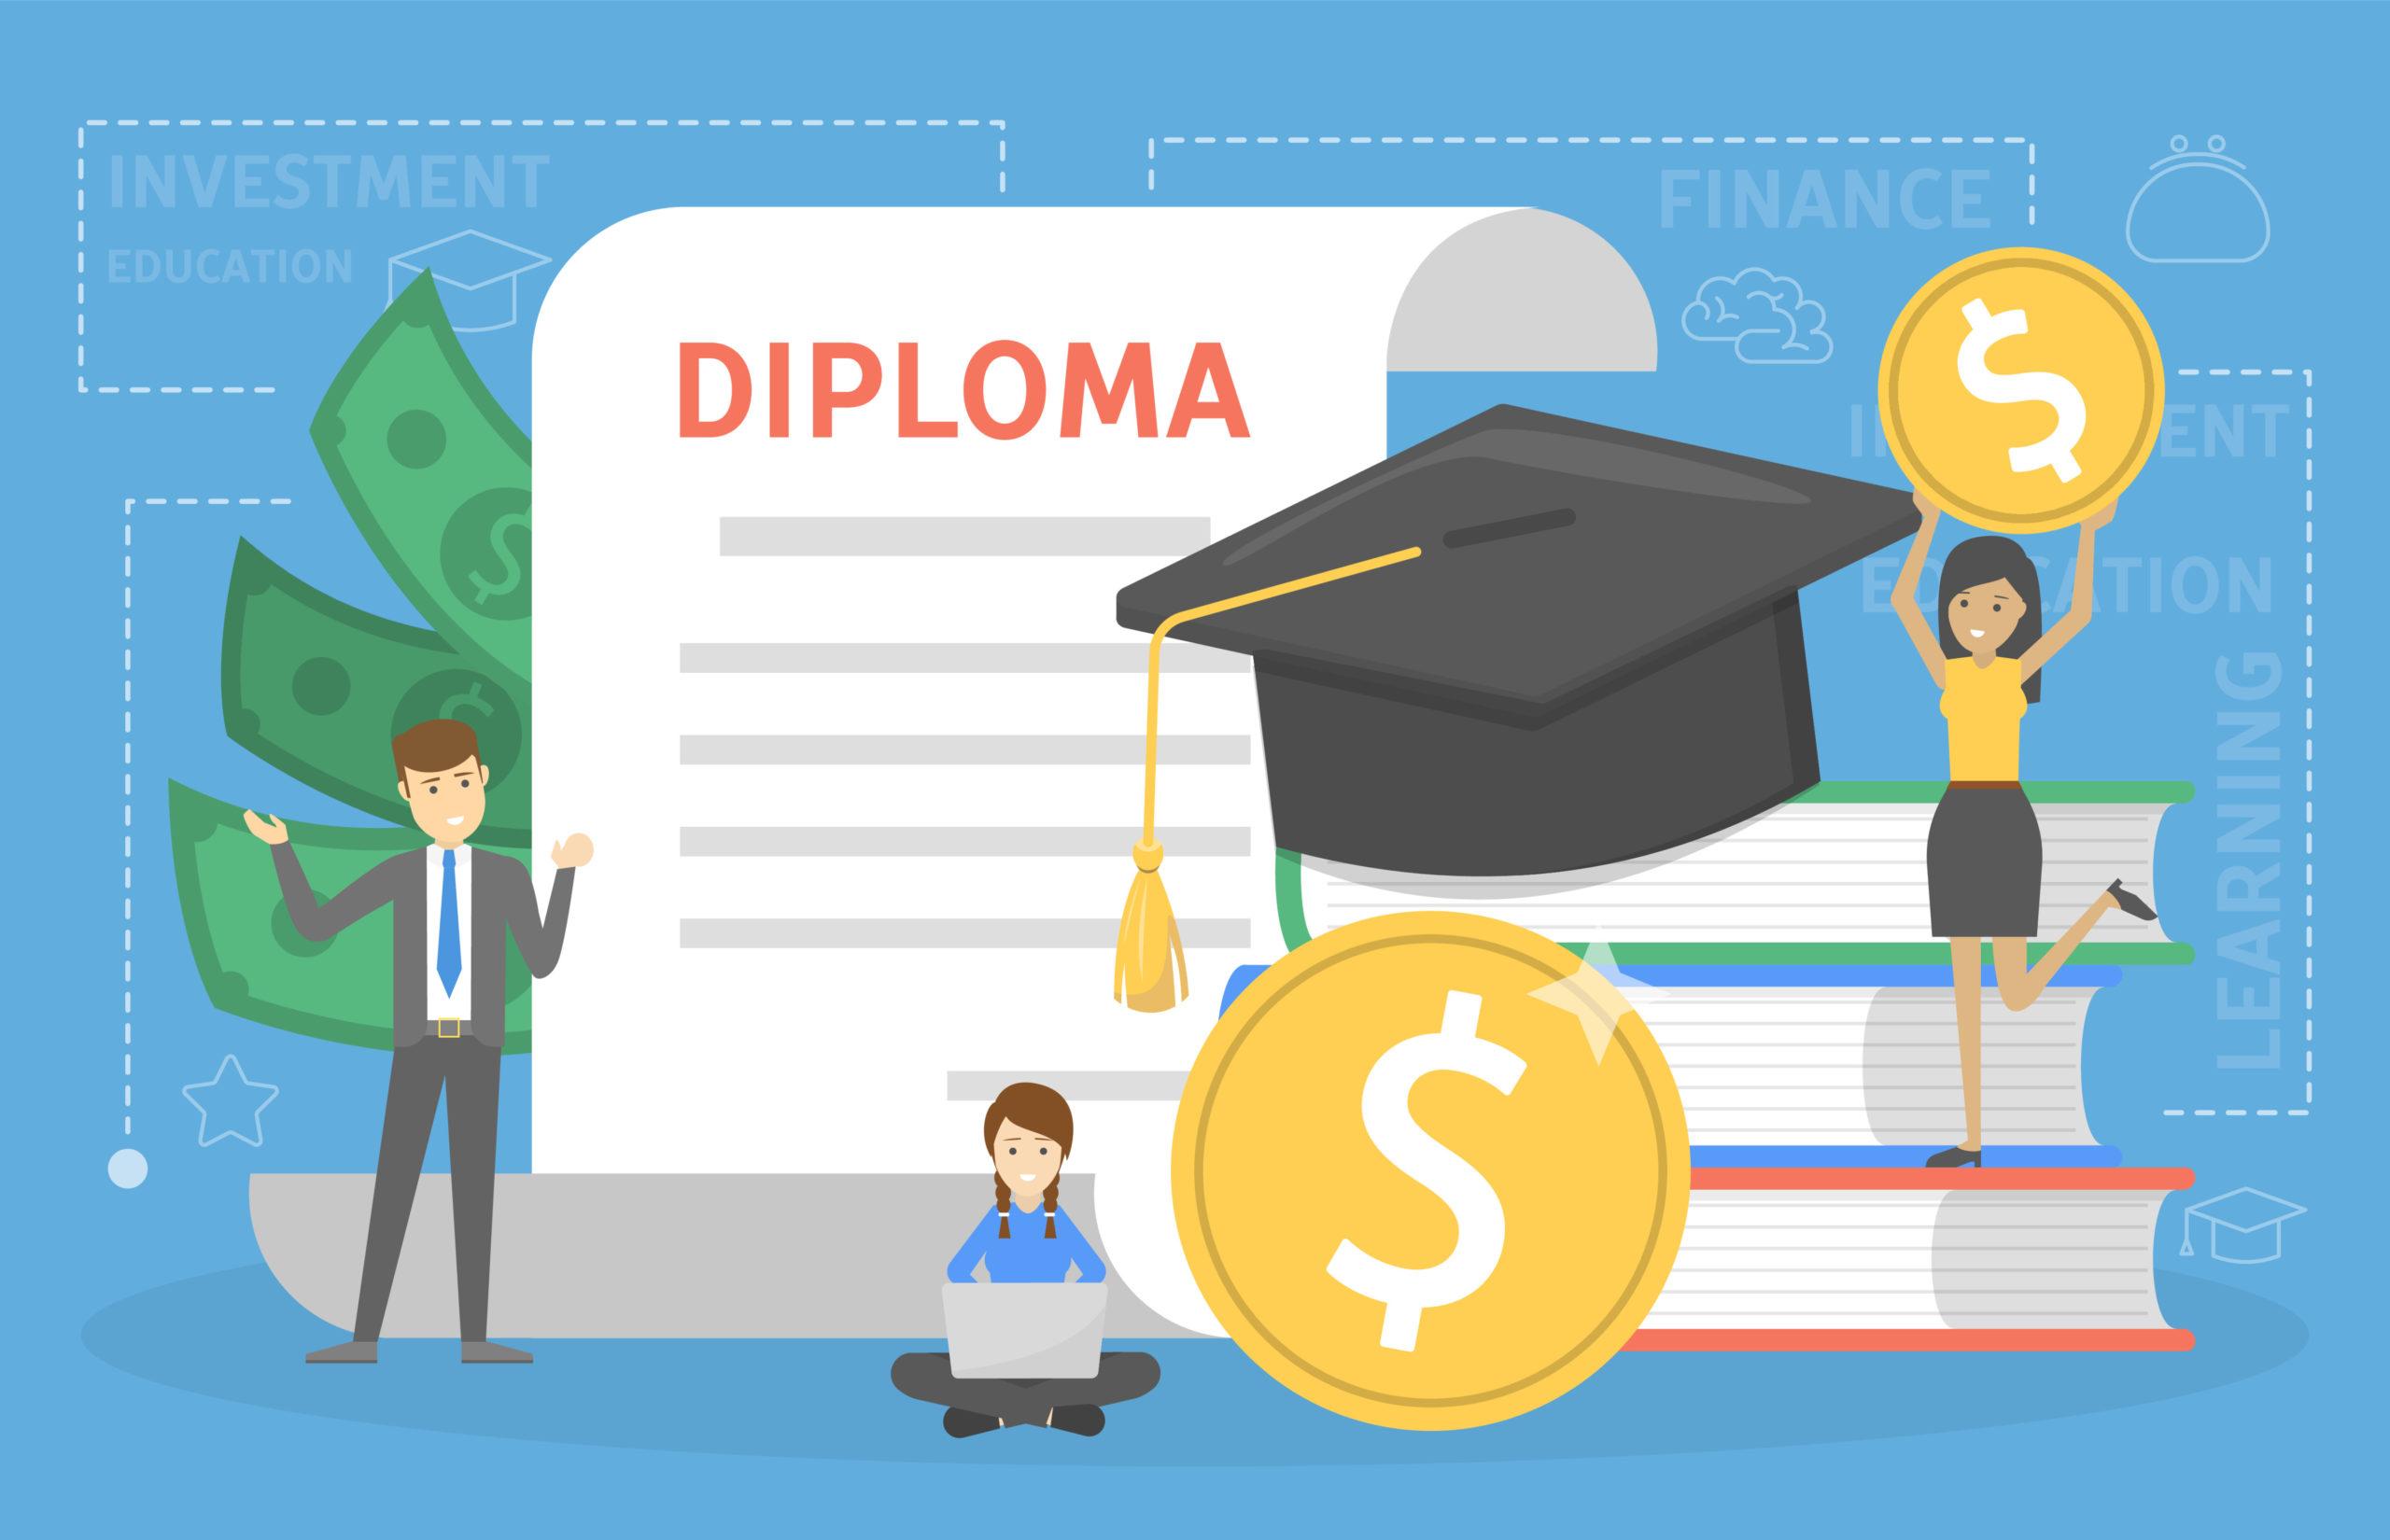 Studienabschluss und Finanzen